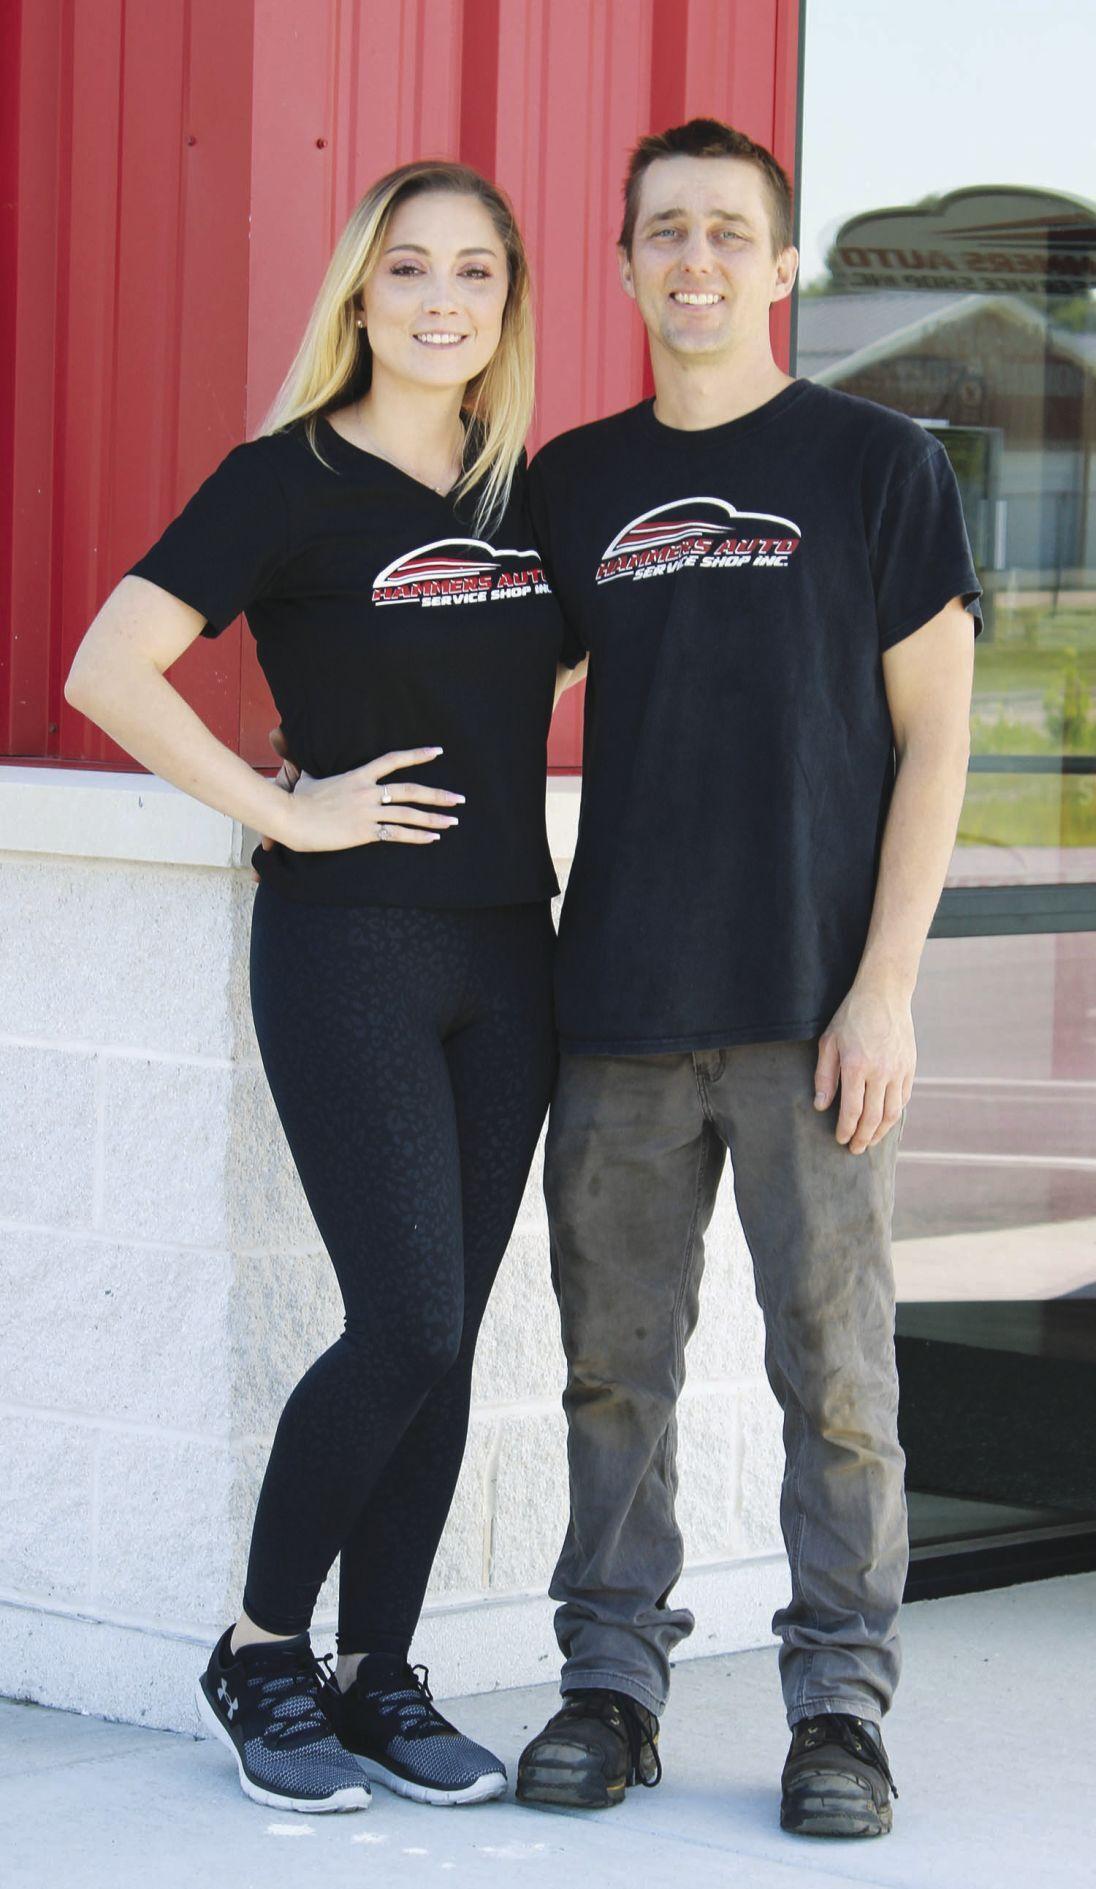 Jessica and Nick Hammer